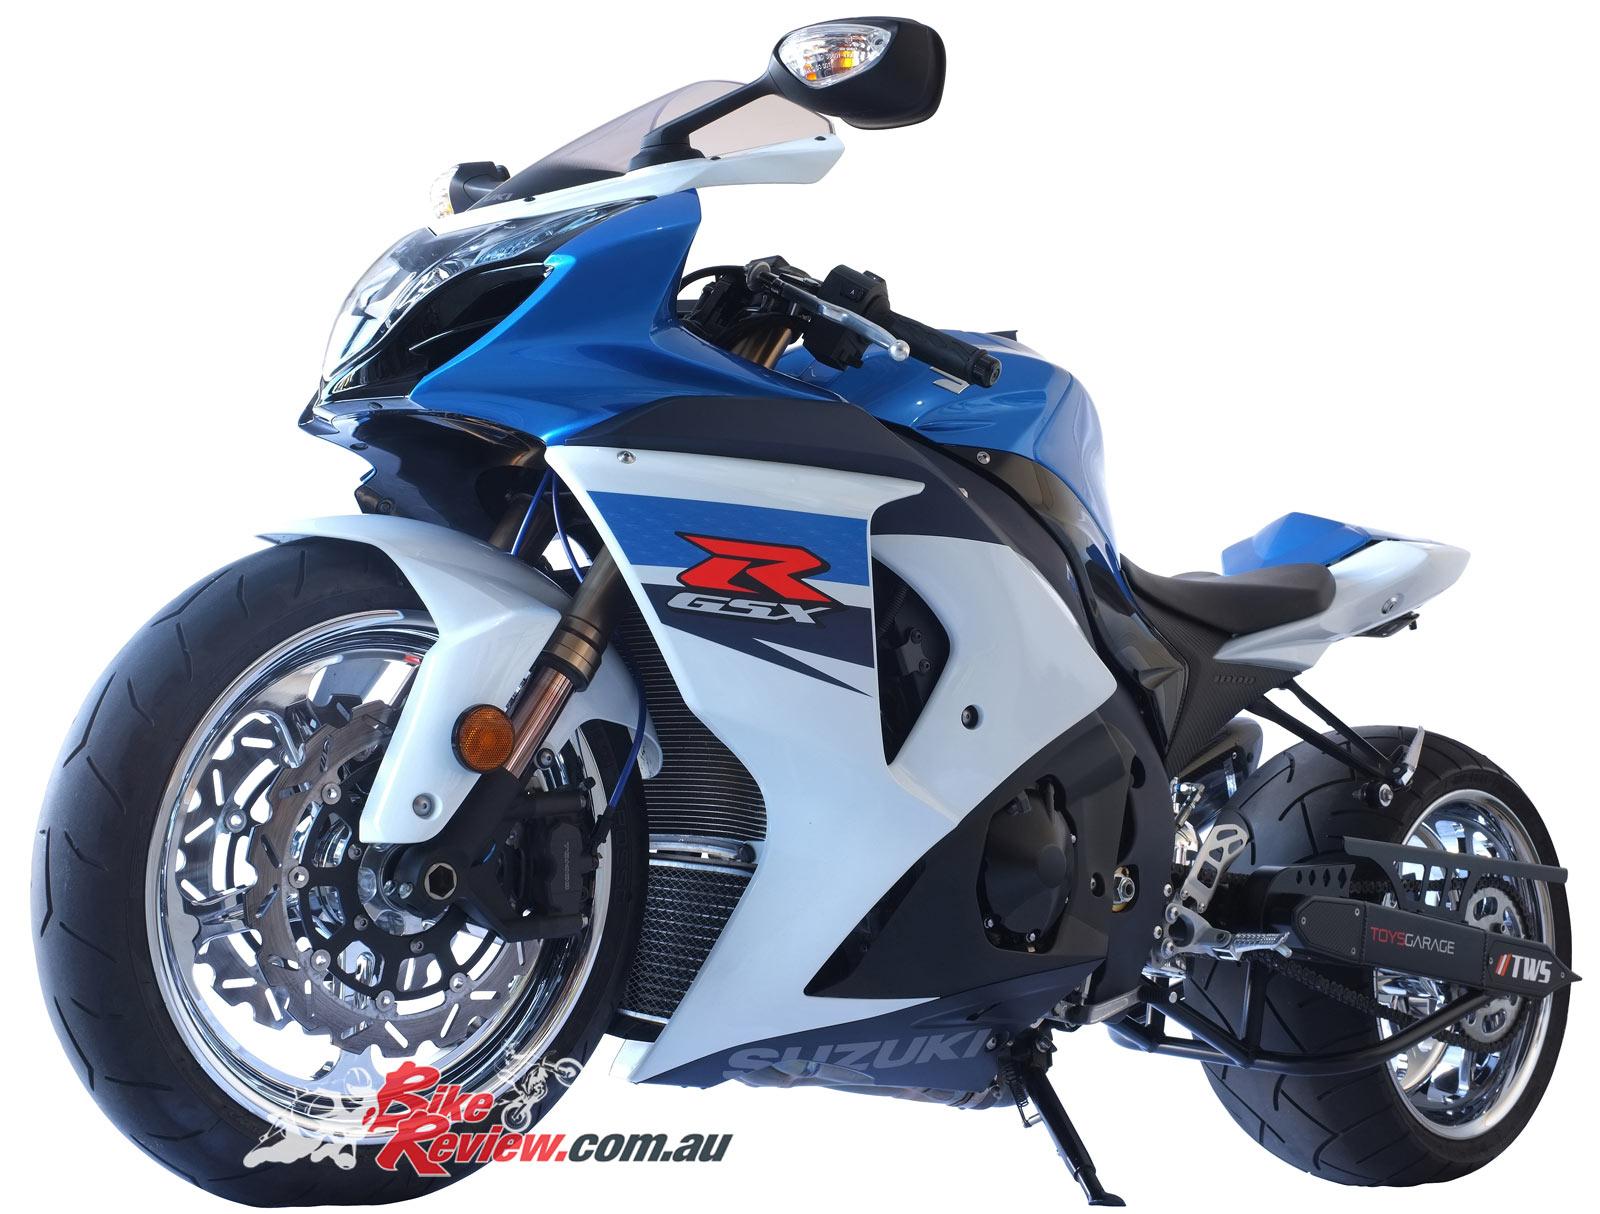 2000 Suzuki Sv650 Wiring Diagram Block And Schematic Diagrams Hayabusa 2007 Gsx1300r 1997 Gsxr Fuel Relay